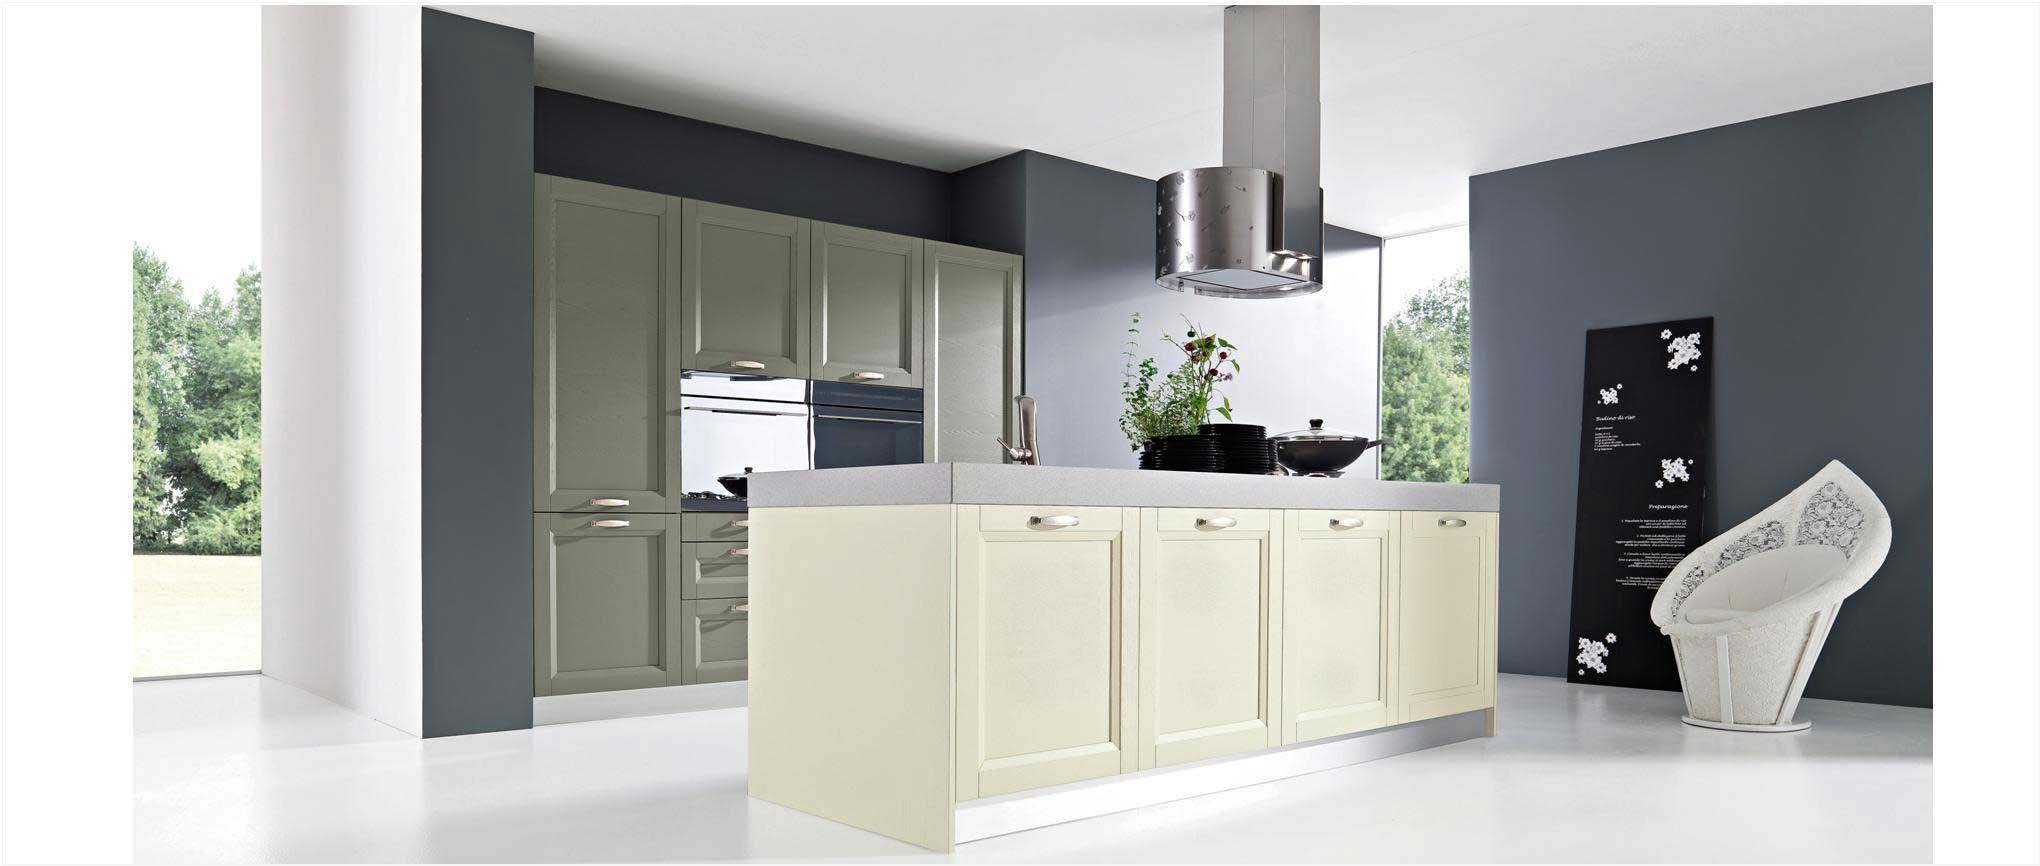 Cuisine ouverte et tendance, dans la tradition anglaise, avec îlot central, armoire intégrées et meubles de living.